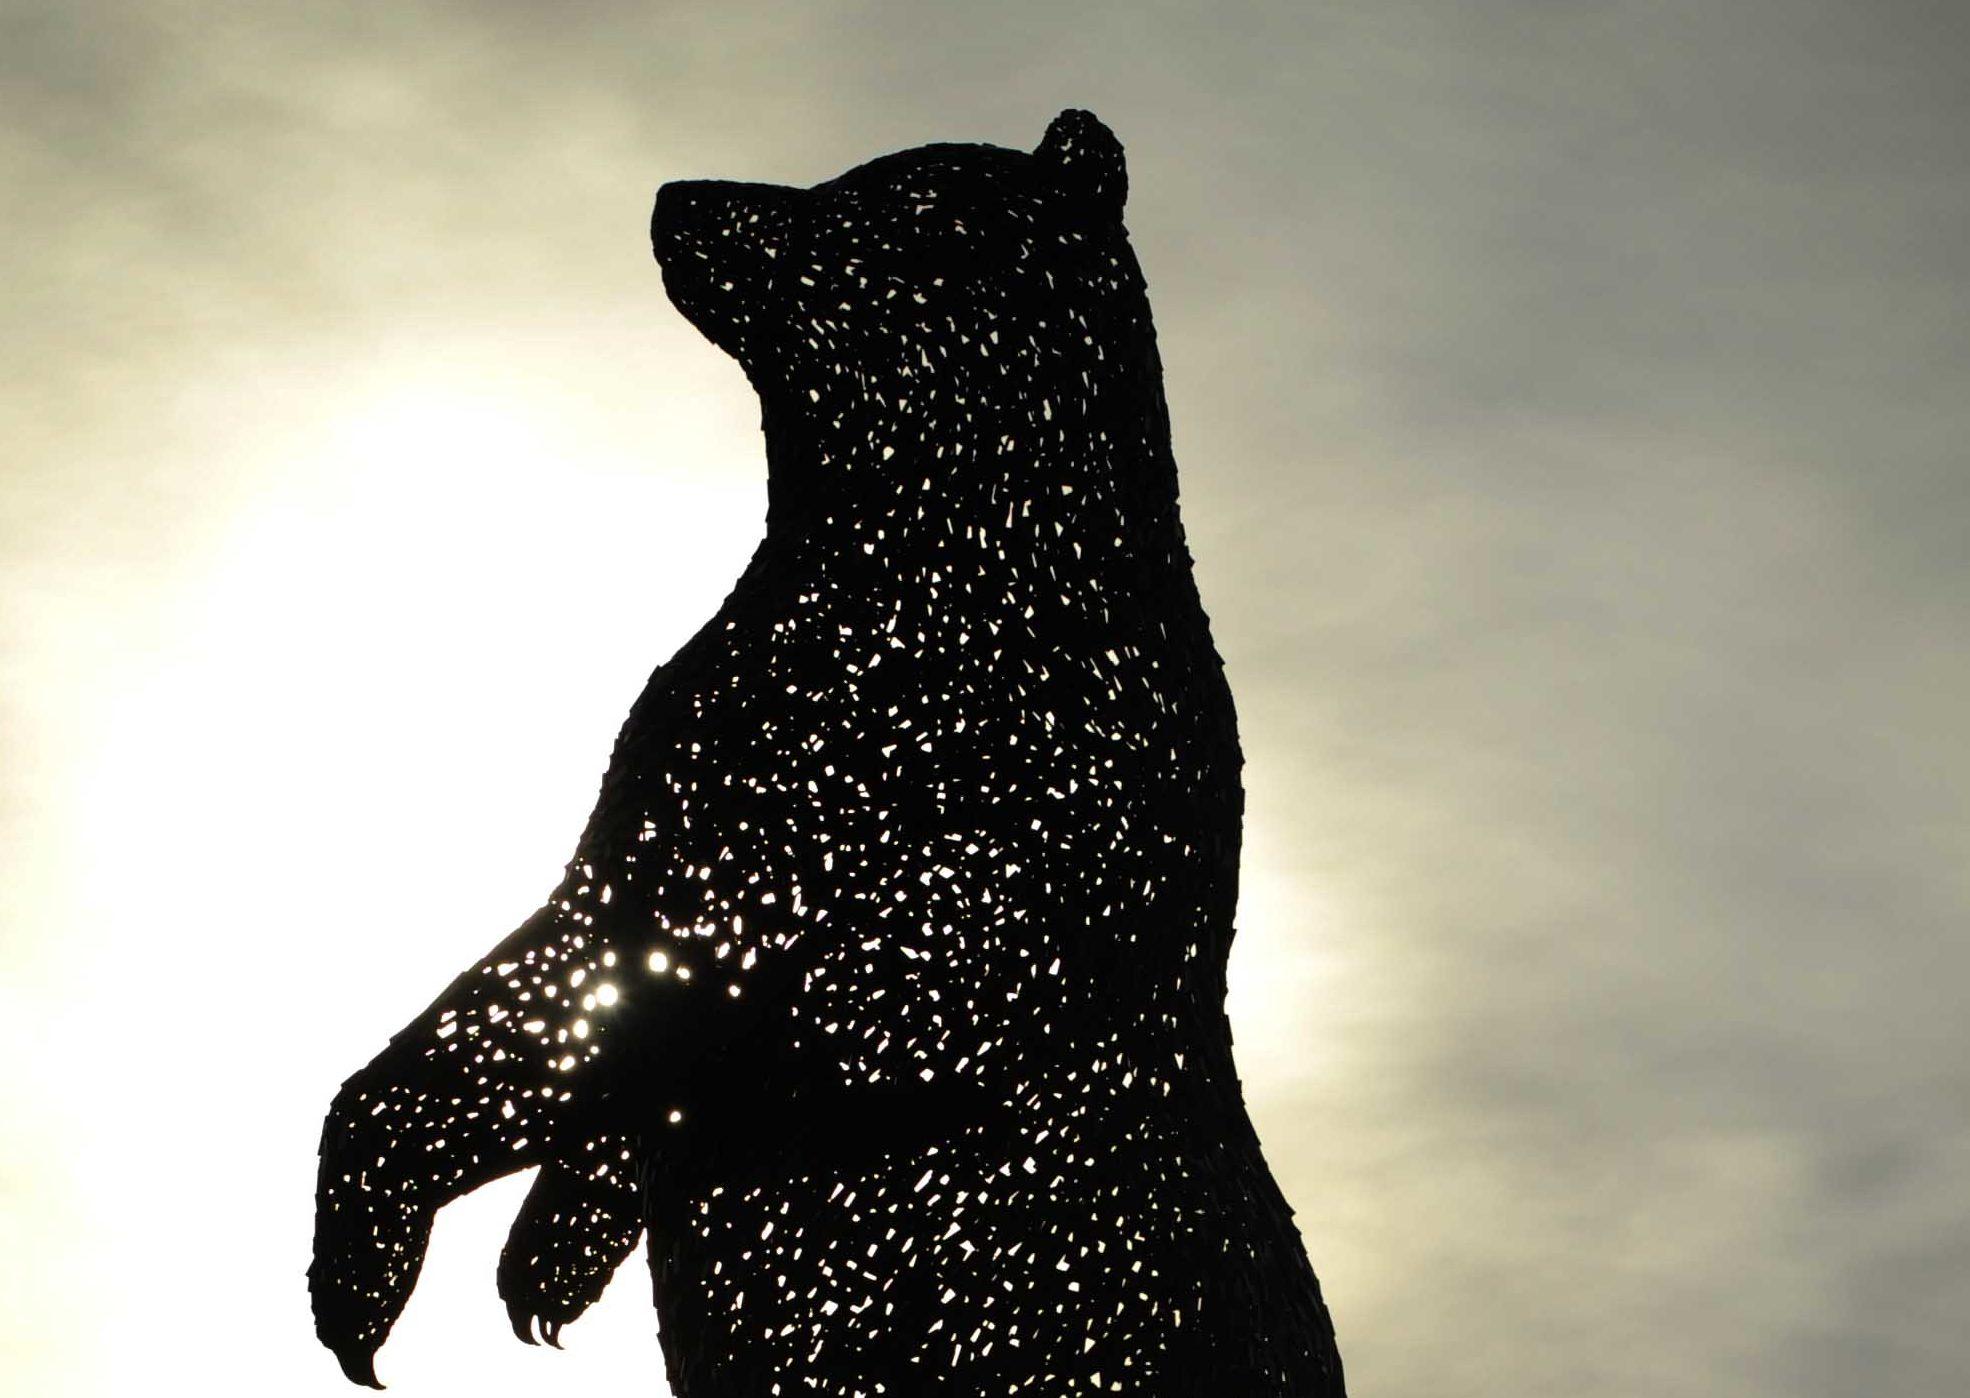 Andy Scott Giant Bear Sculpture at Dunbar Hallhill Development, East Lothian